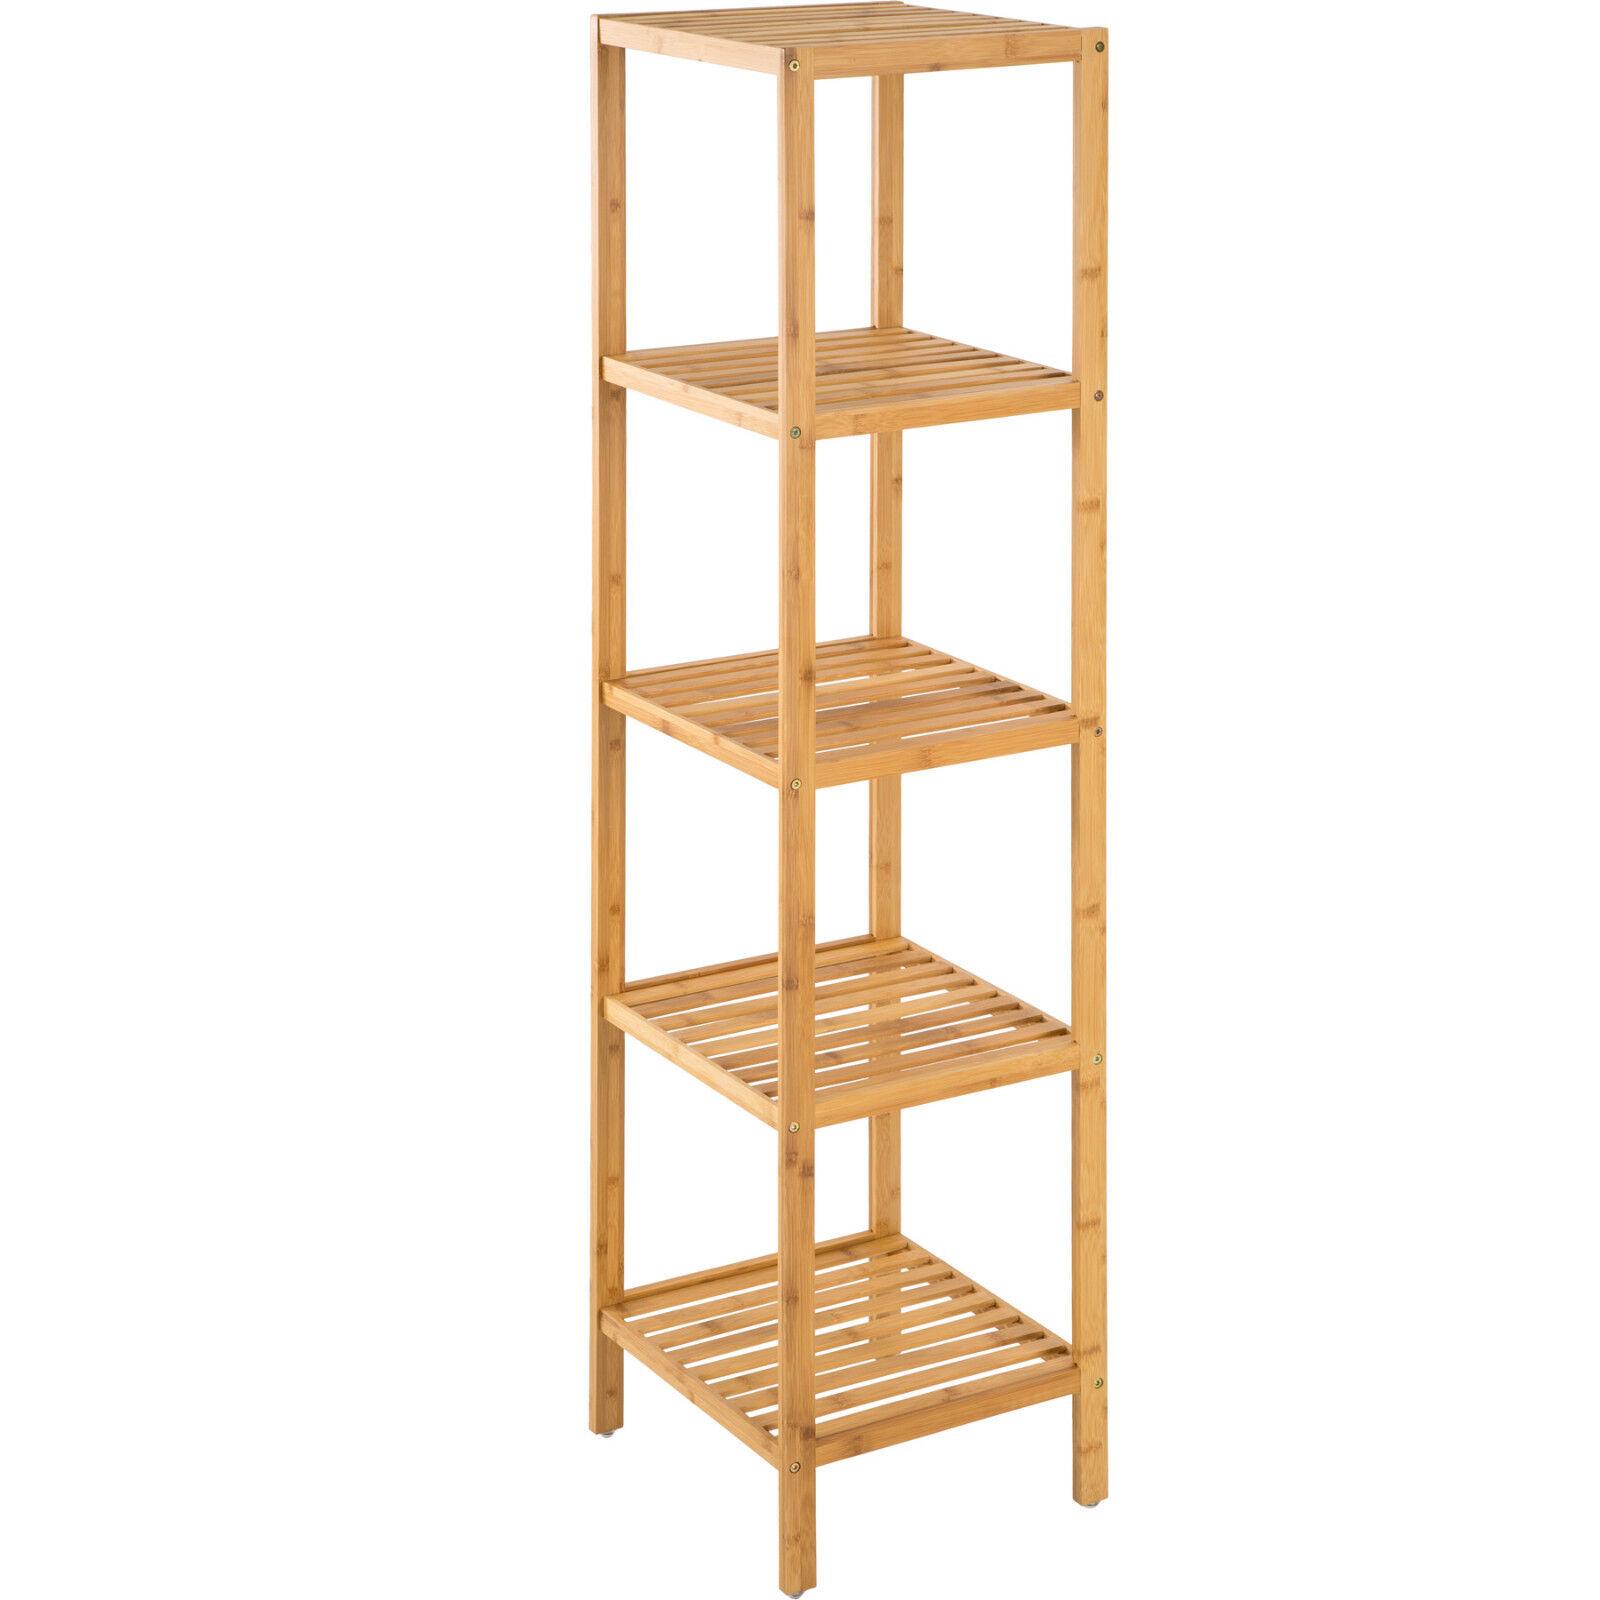 Estantería de madera bambú con 5 niveles para baño toallas librería organizador.